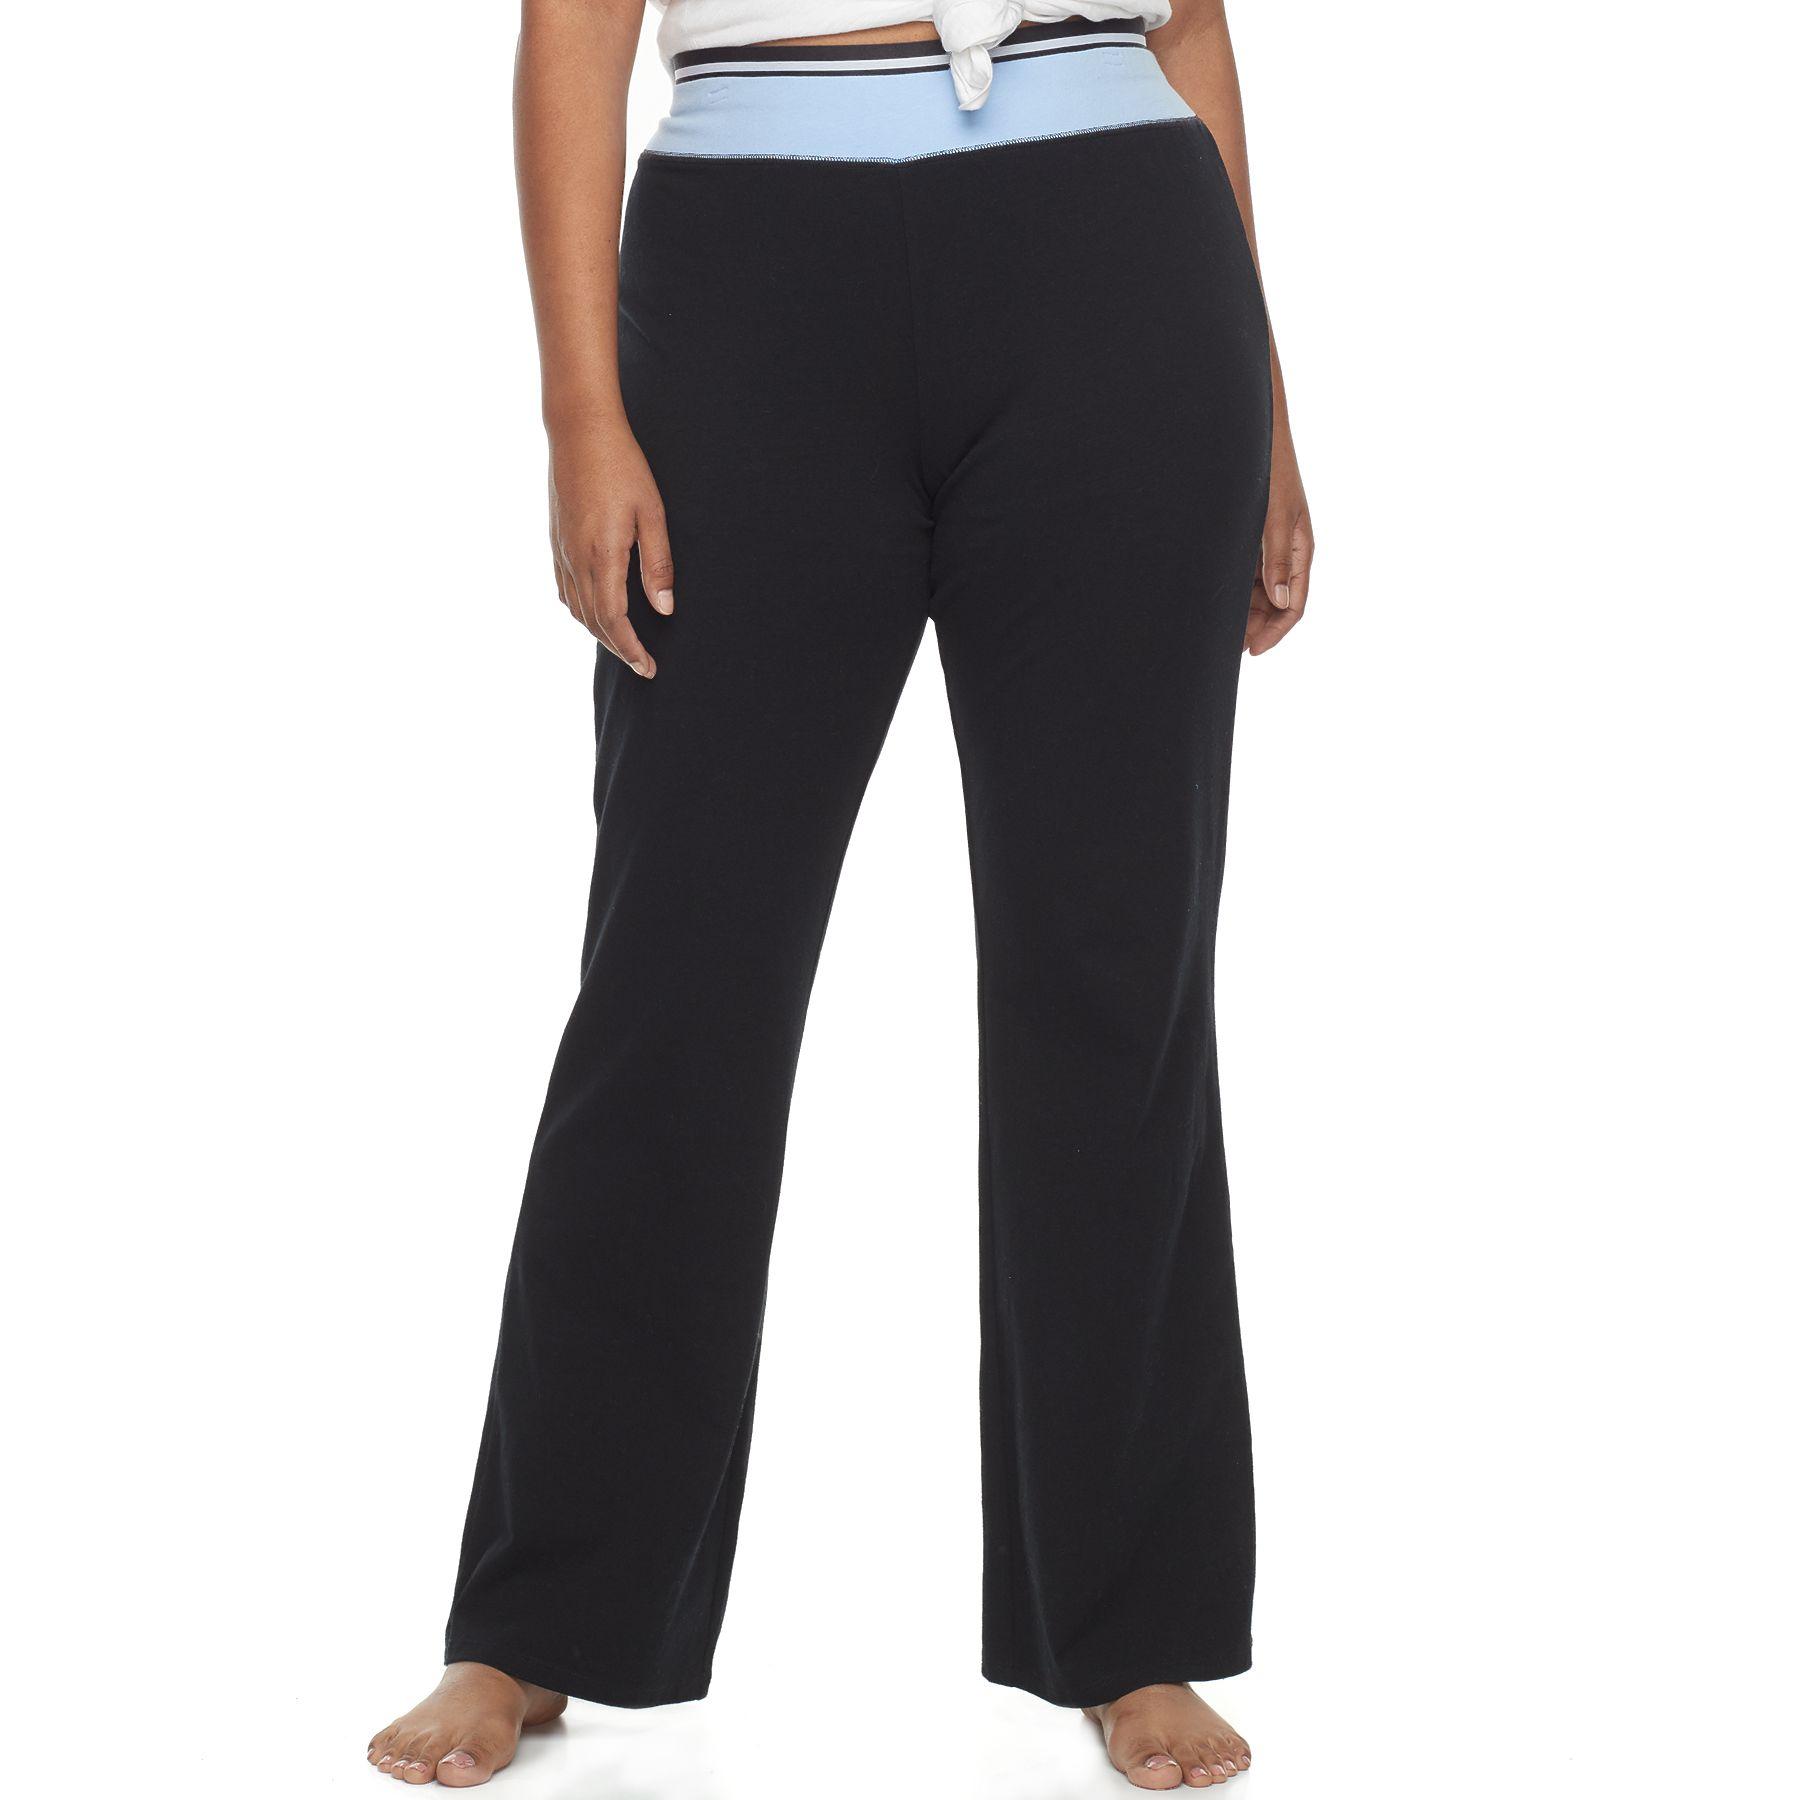 Purple bootcut yoga pants